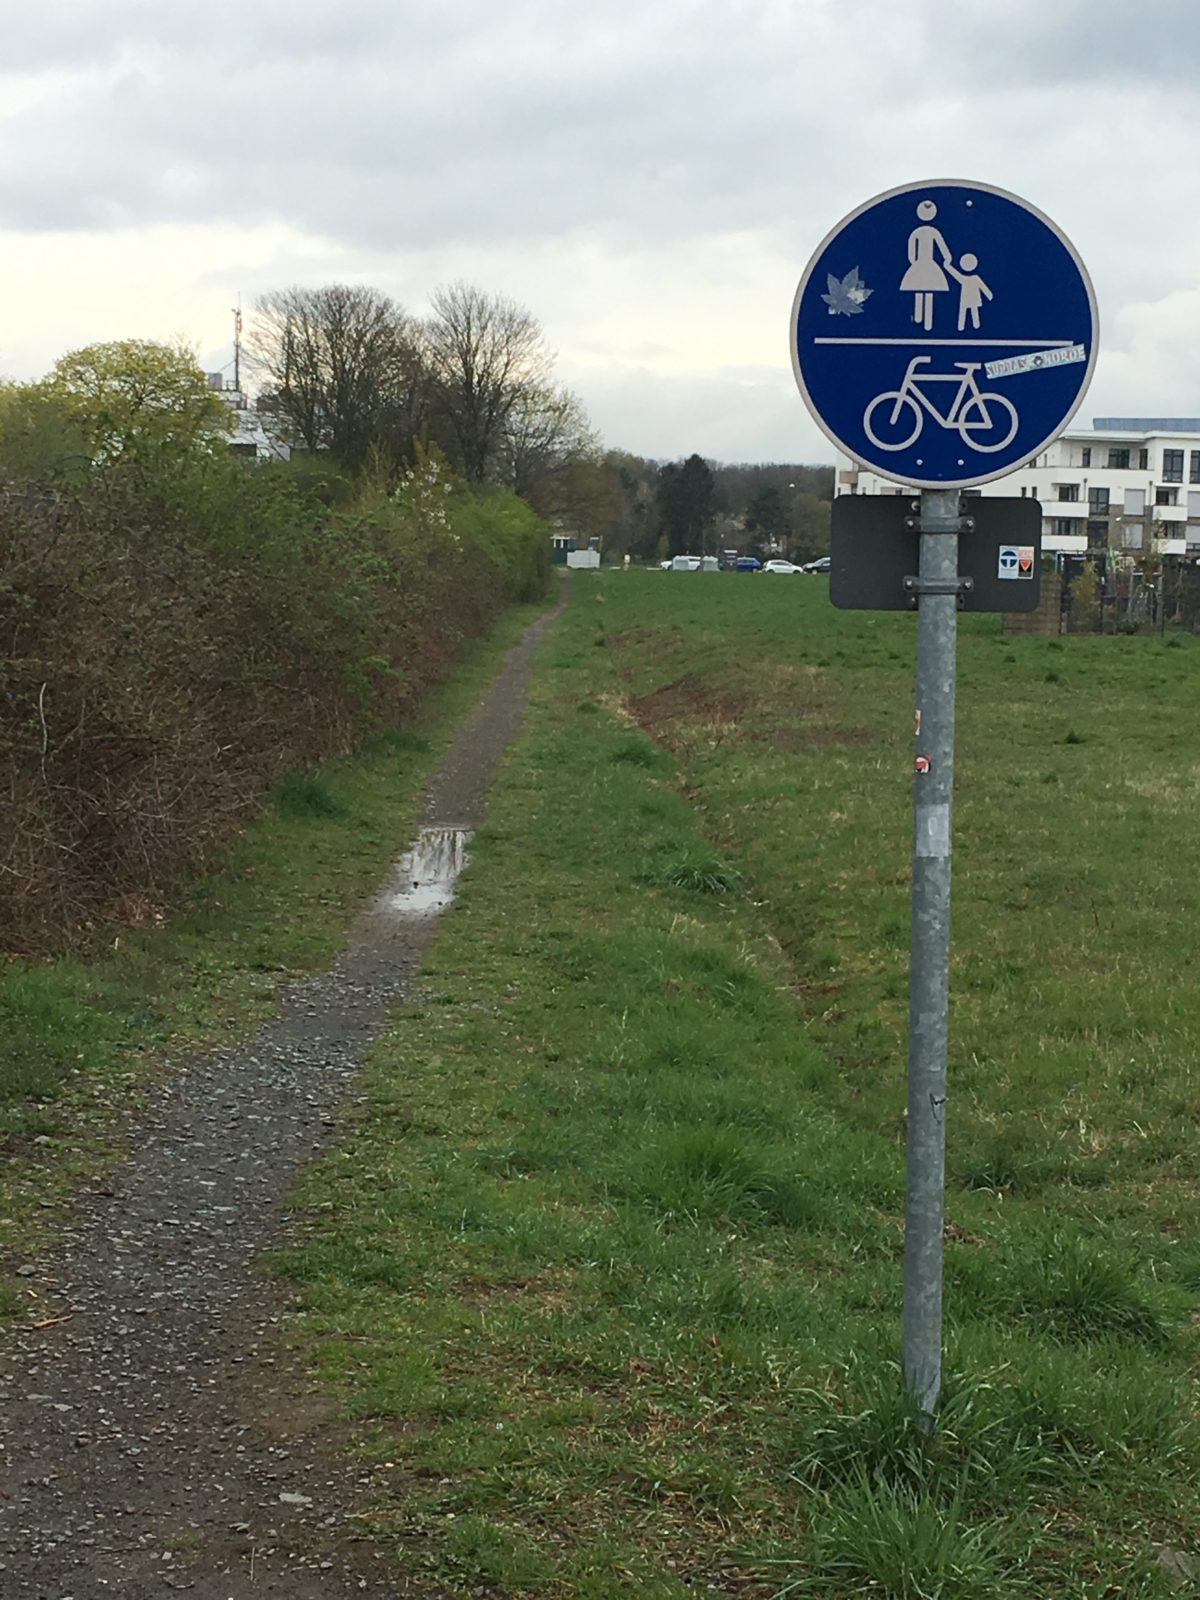 Benutzungspflichtiger Fuß- und Radweg